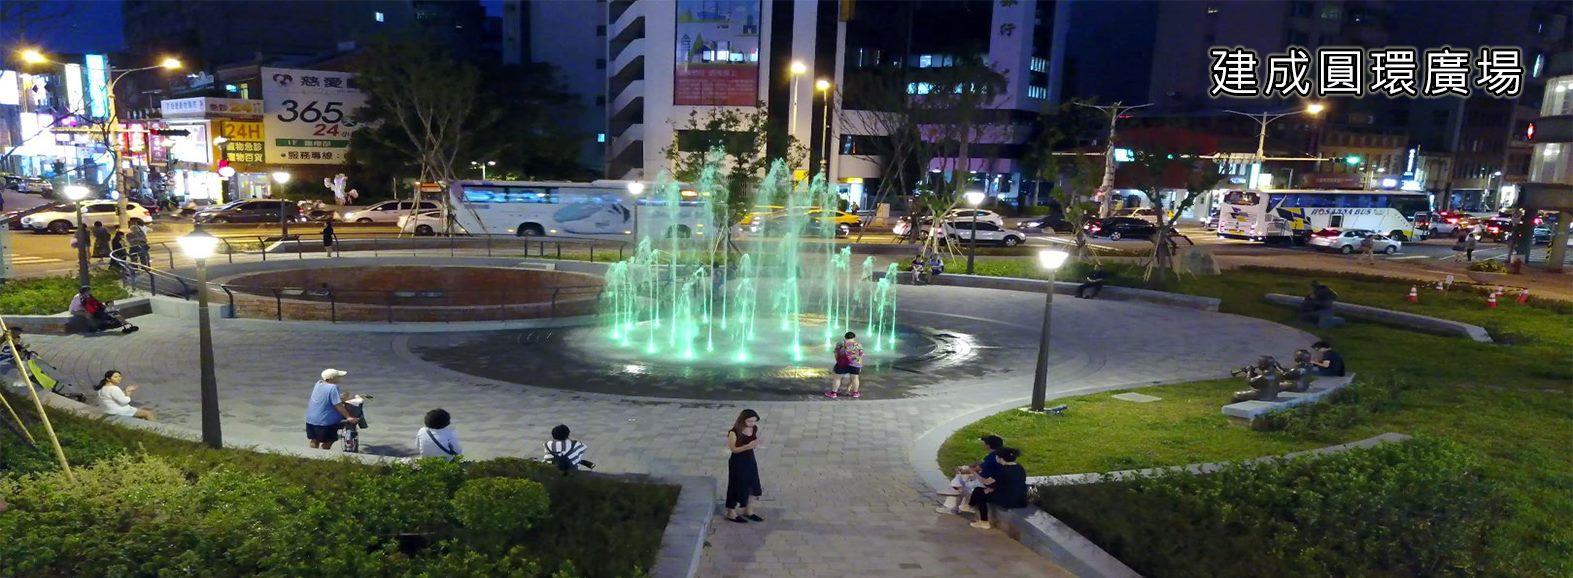 建成圓環廣場